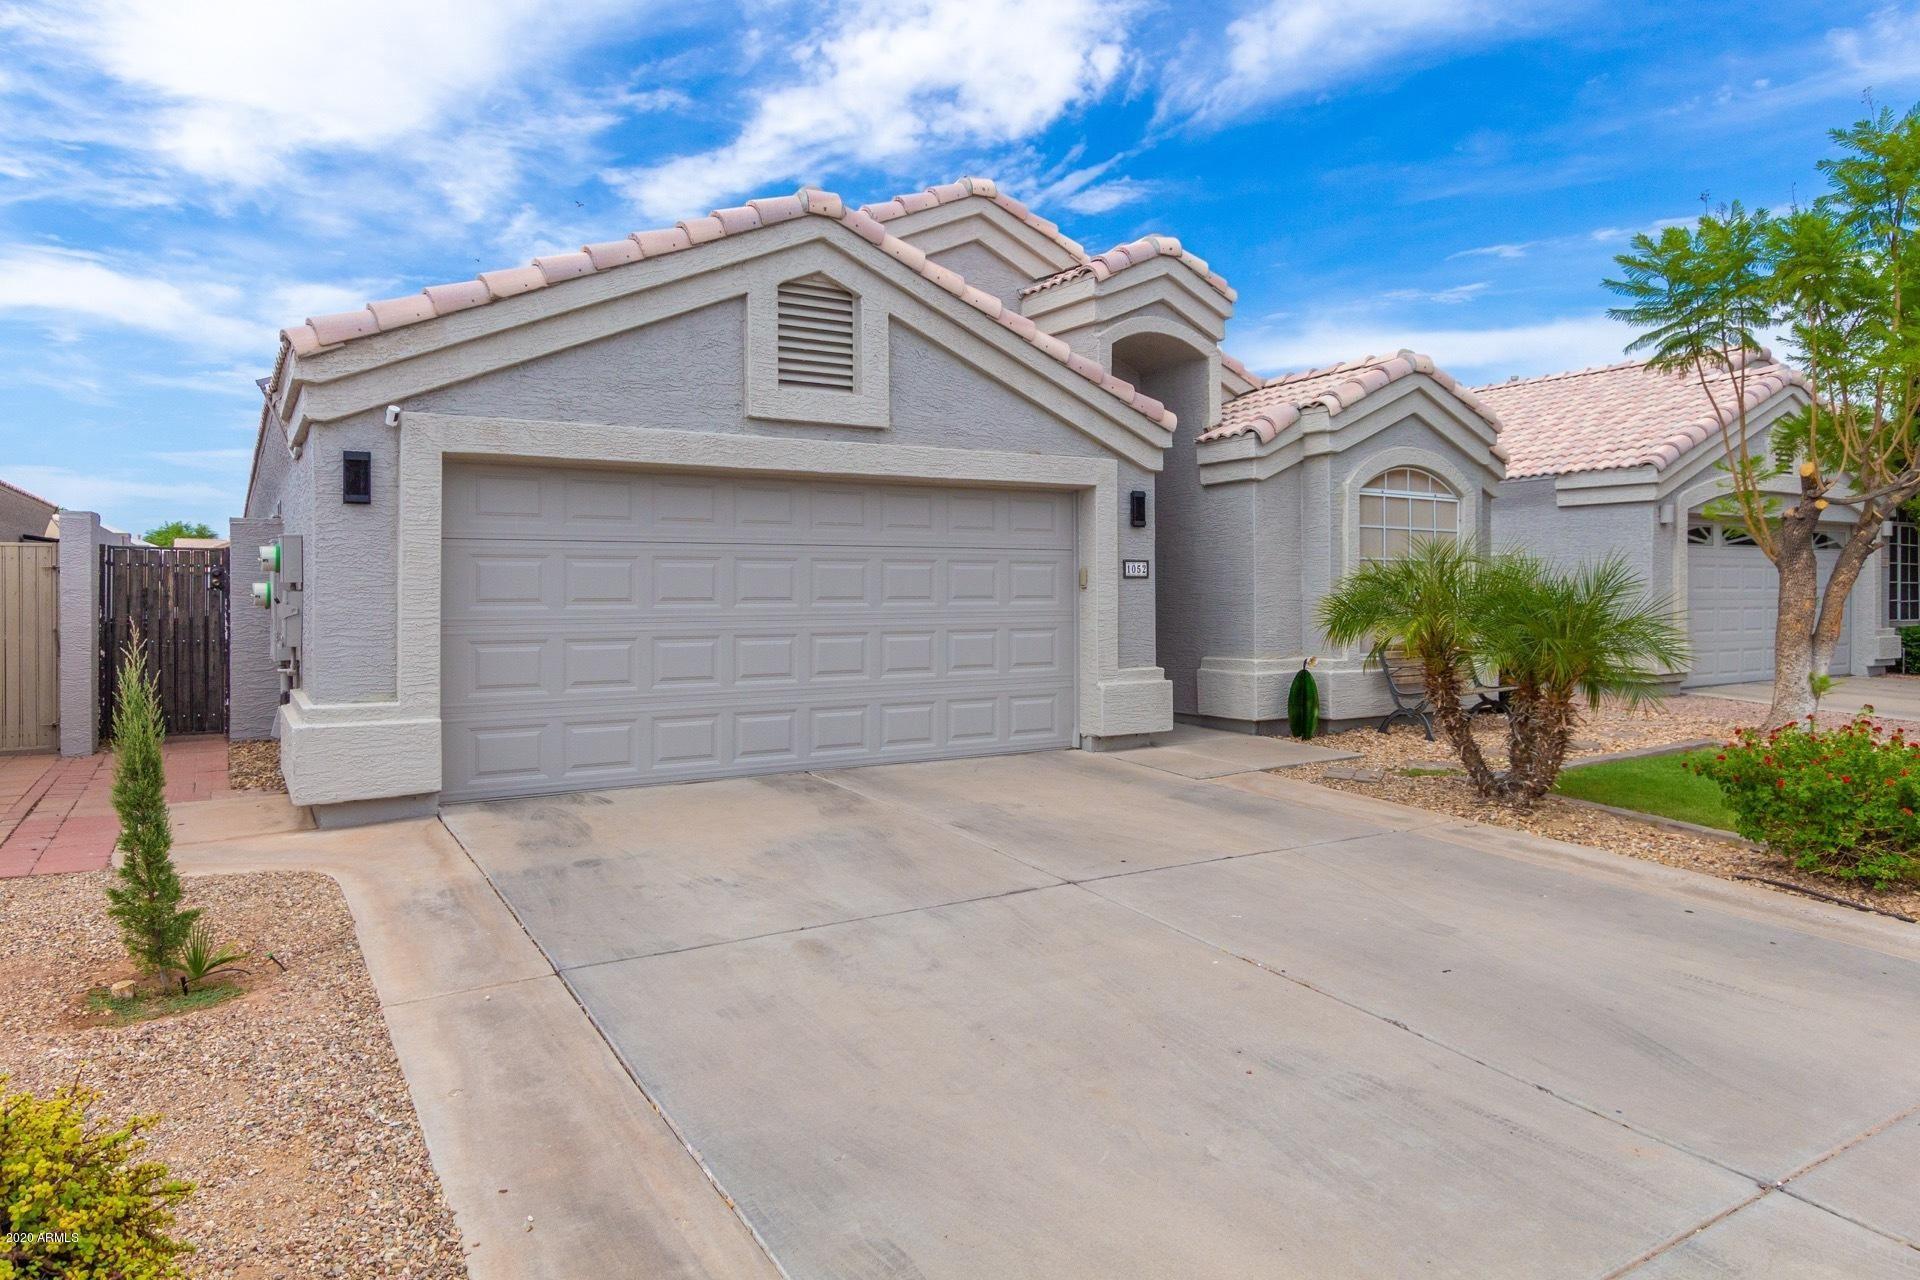 1052 W MORELOS Street, Chandler, AZ 85224 - #: 6103027